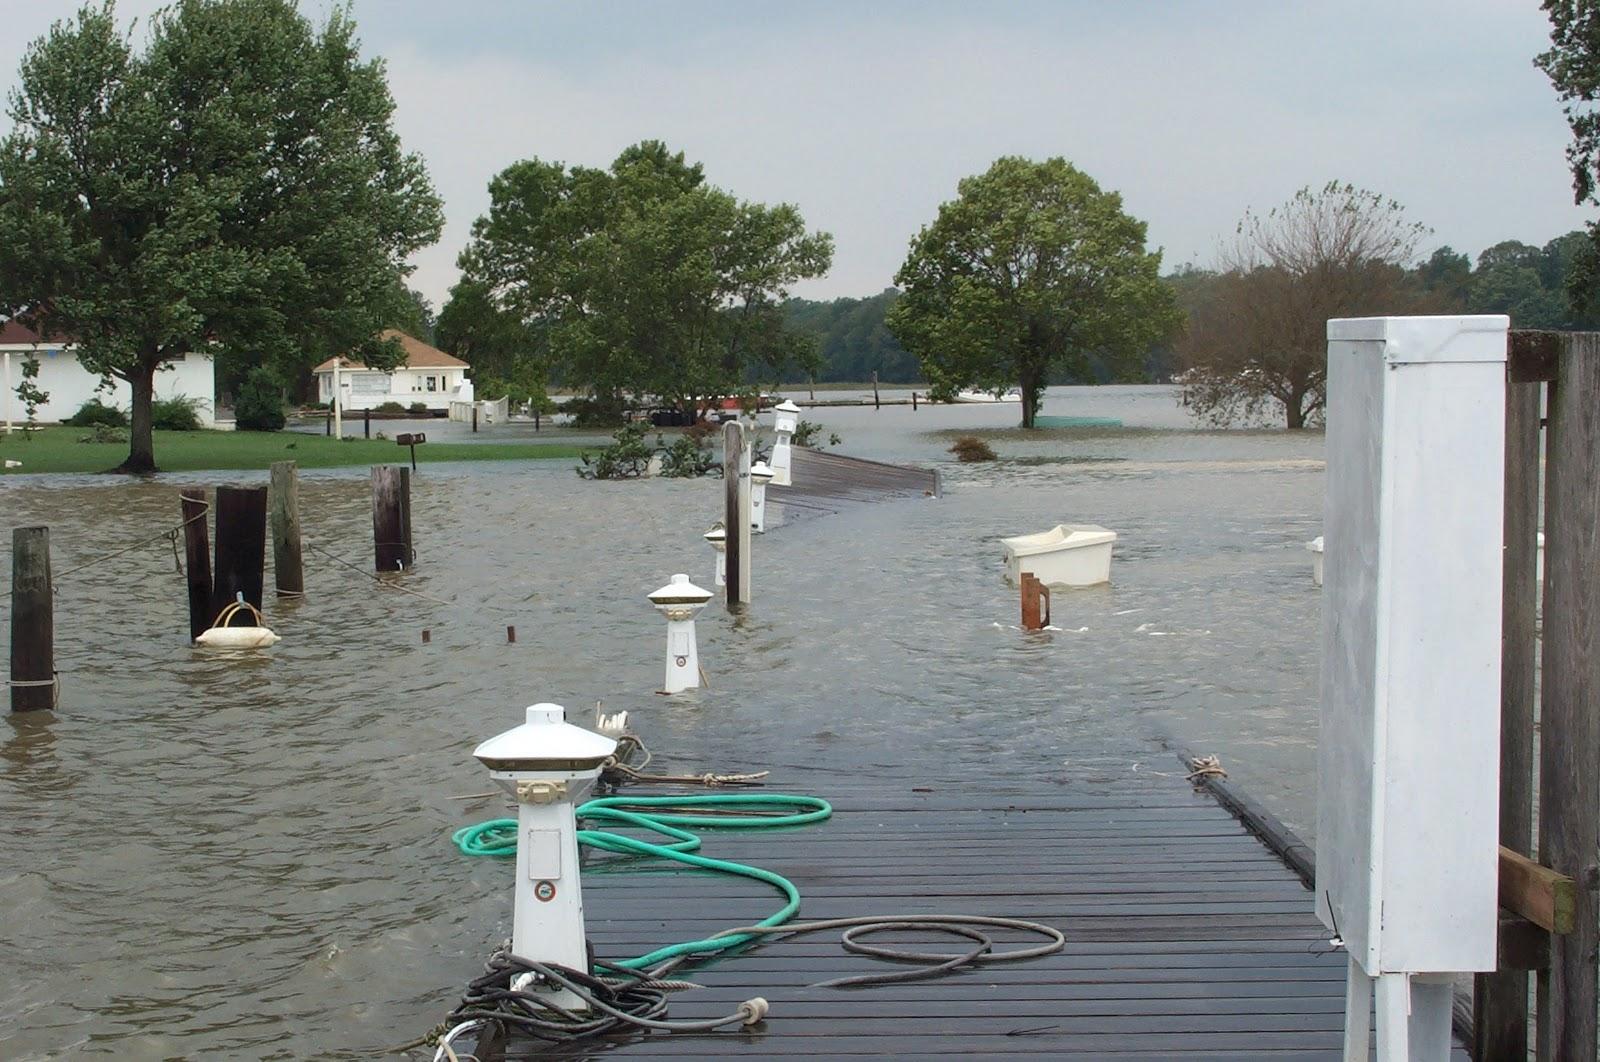 hurricane isabel marina damage